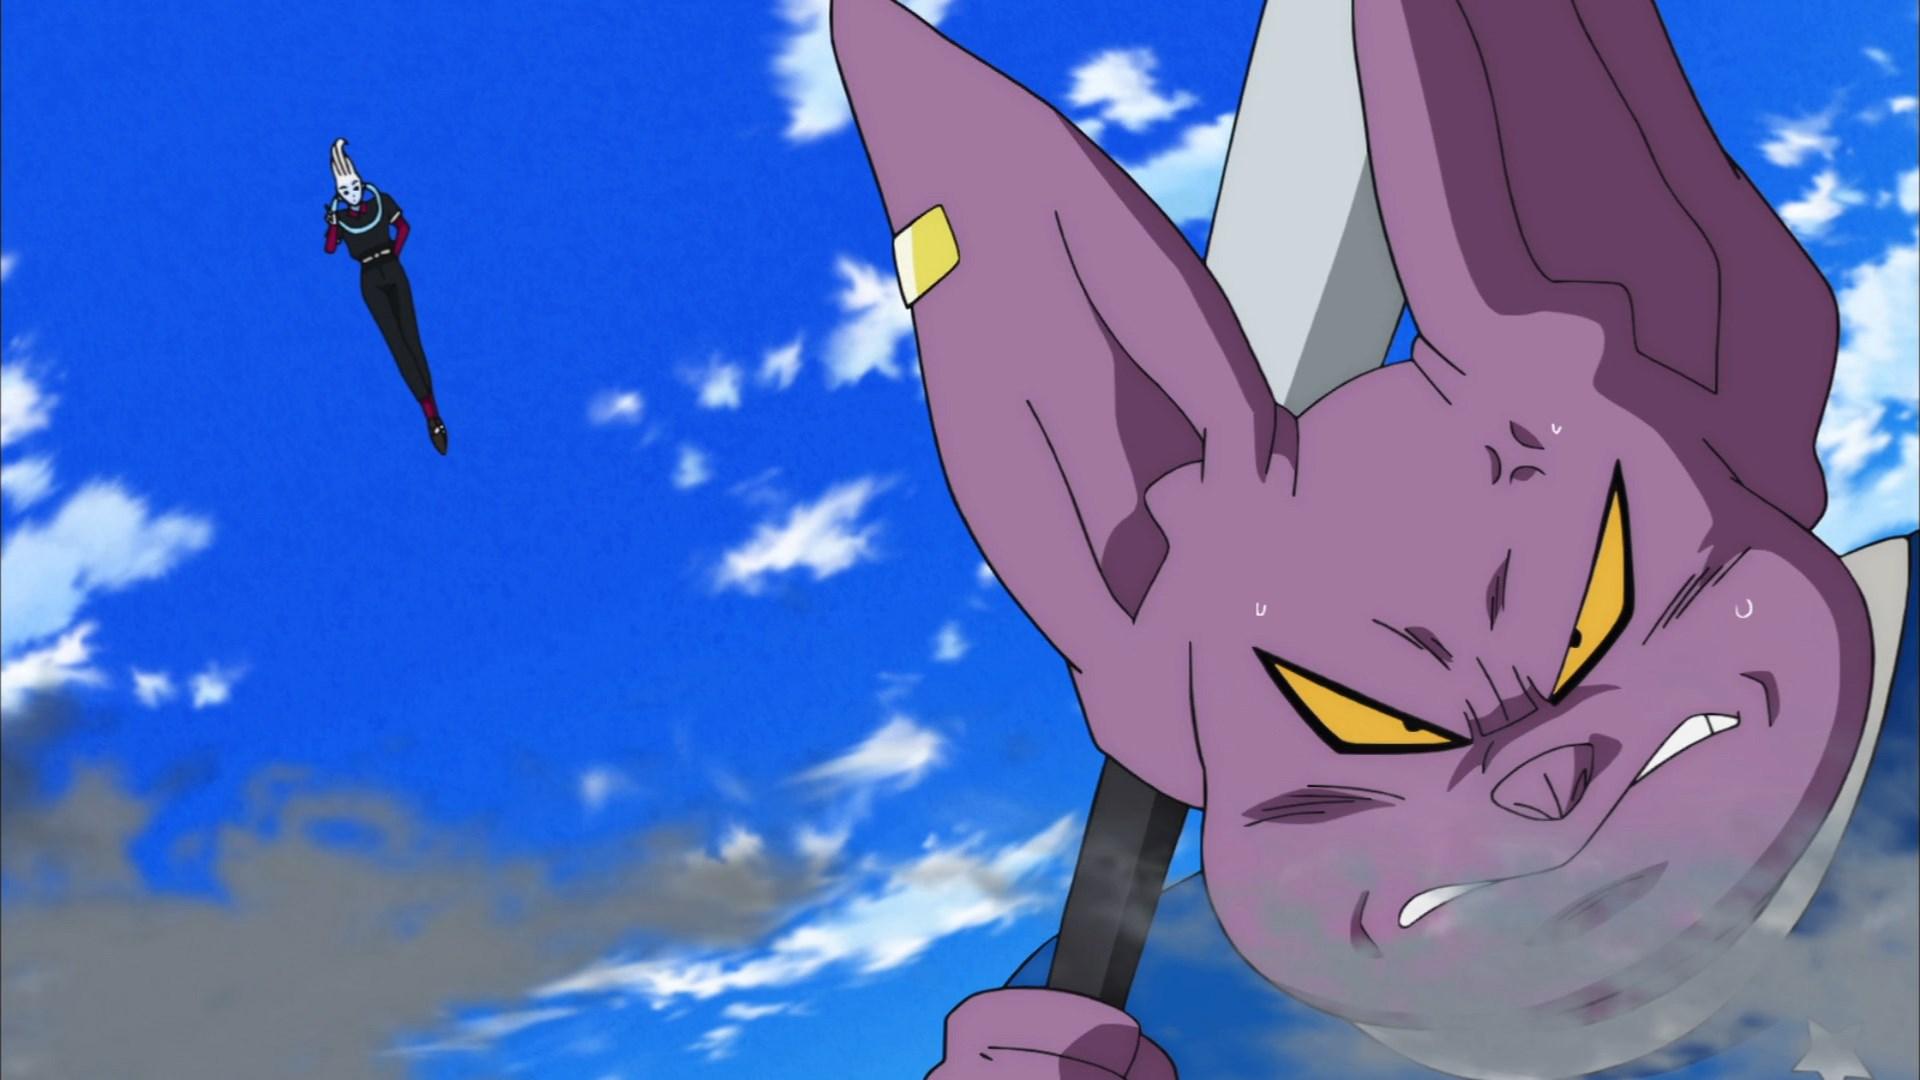 [DS] Dragon Ball Super 070 [1080p].mkv_snapshot_08.09_[2016.12.11_03.41.06]